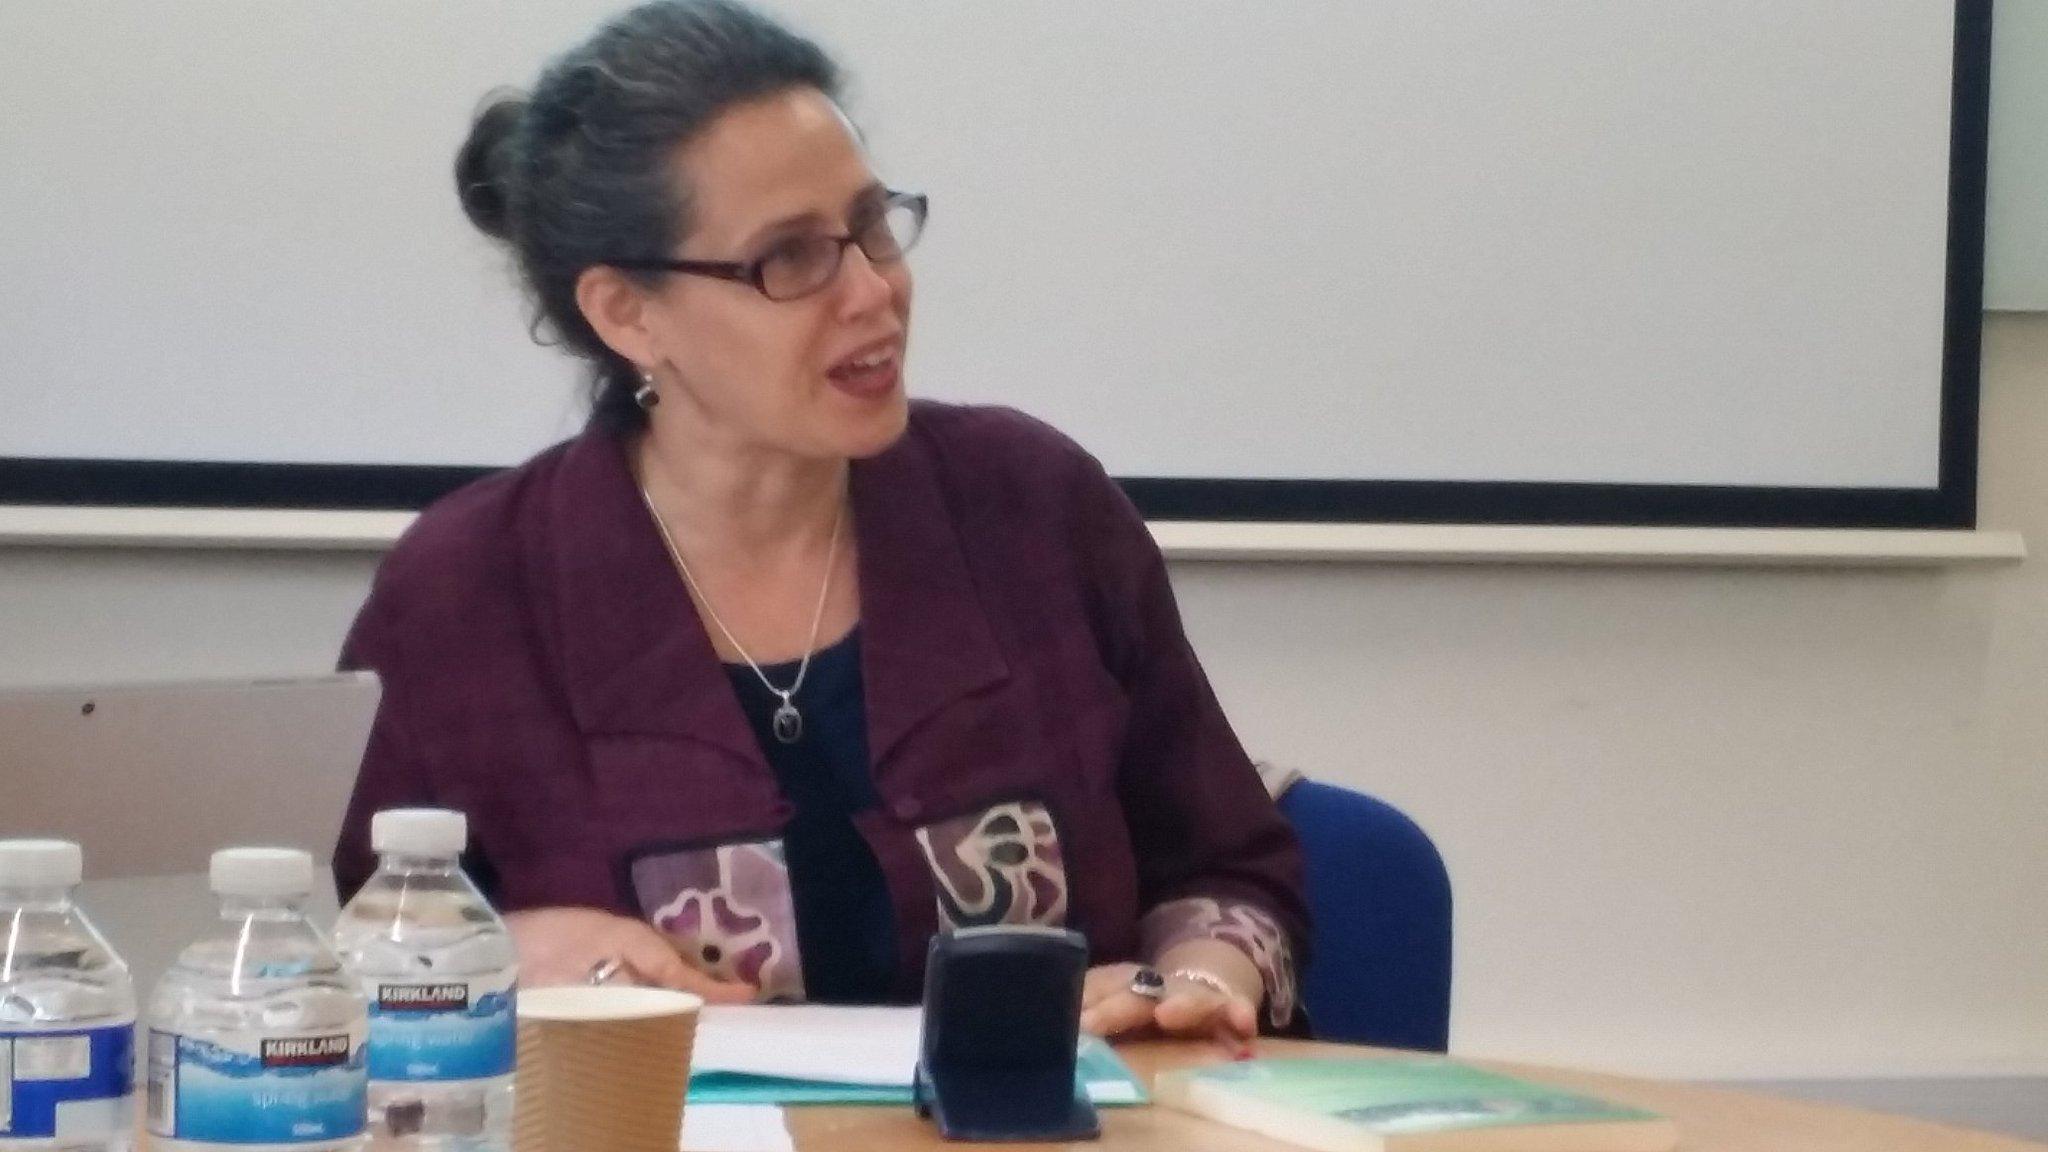 Dr Sondra Hausner presenting on Diaspora religions #CNSUK10 https://t.co/D7j1YHQCkF